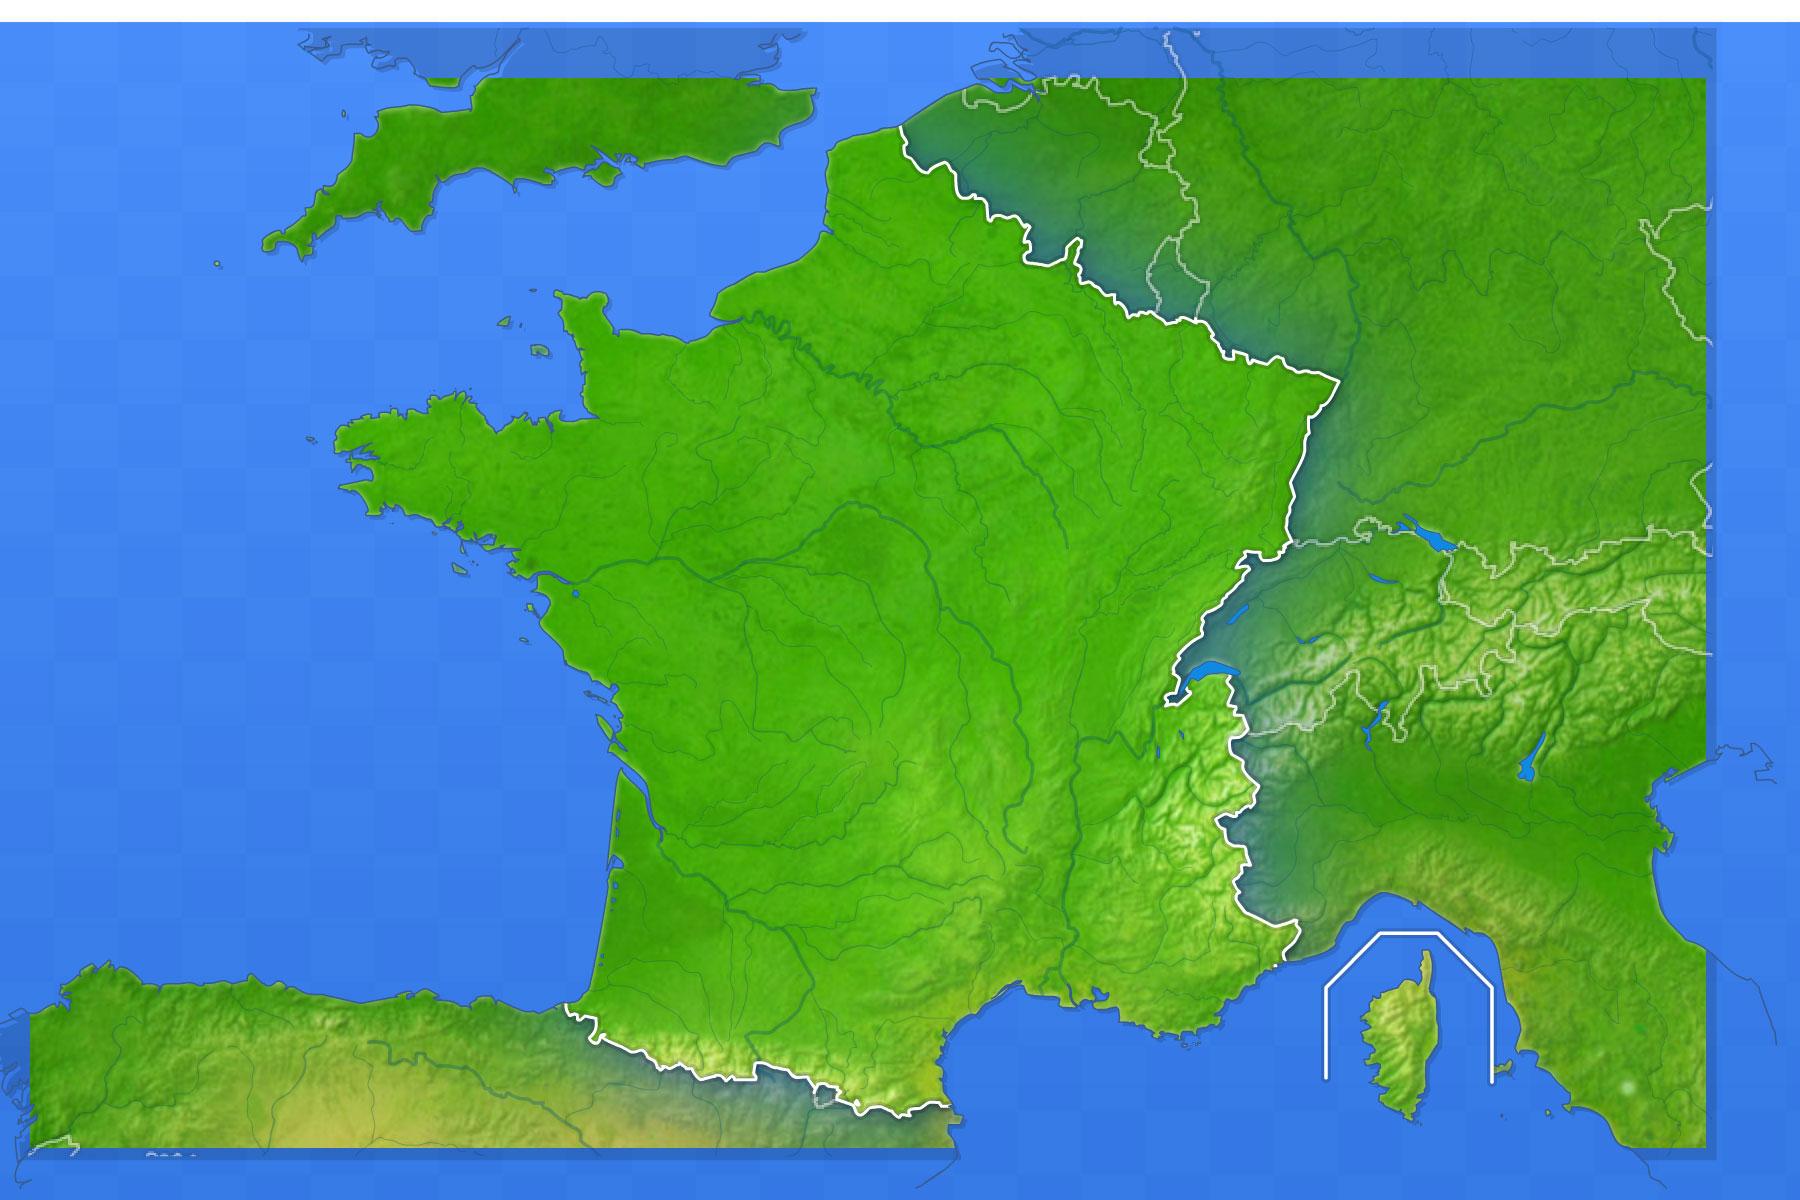 Jeux-Geographiques Jeux Gratuits Jeu Villes De France avec Jeux Des Départements Français